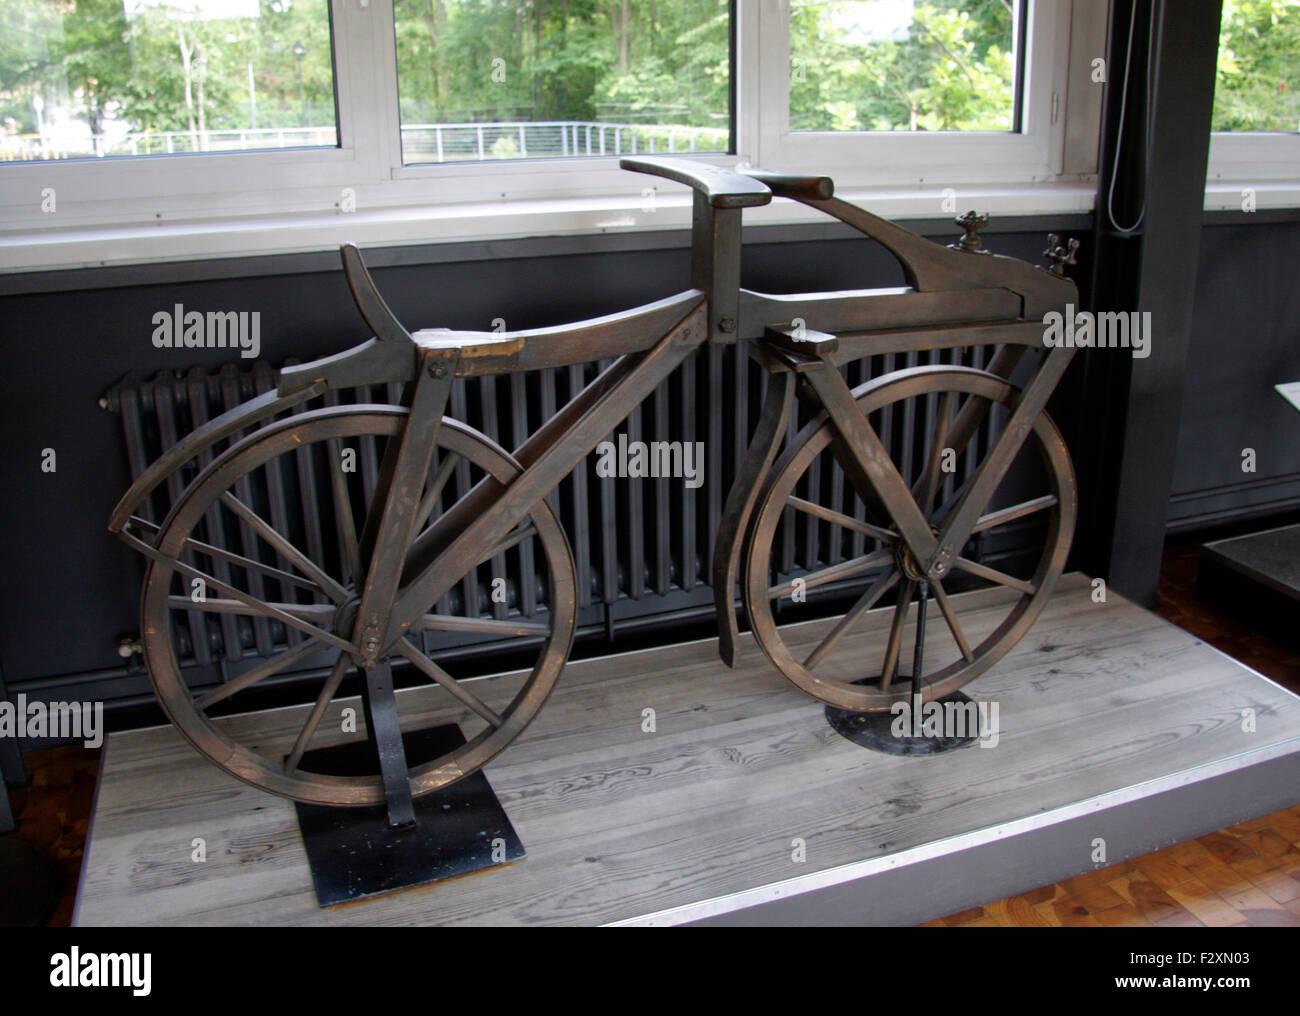 historisches Fahrrad - Deutsches Technikmuseum, Berlin-Kreuzberg. - Stock Image